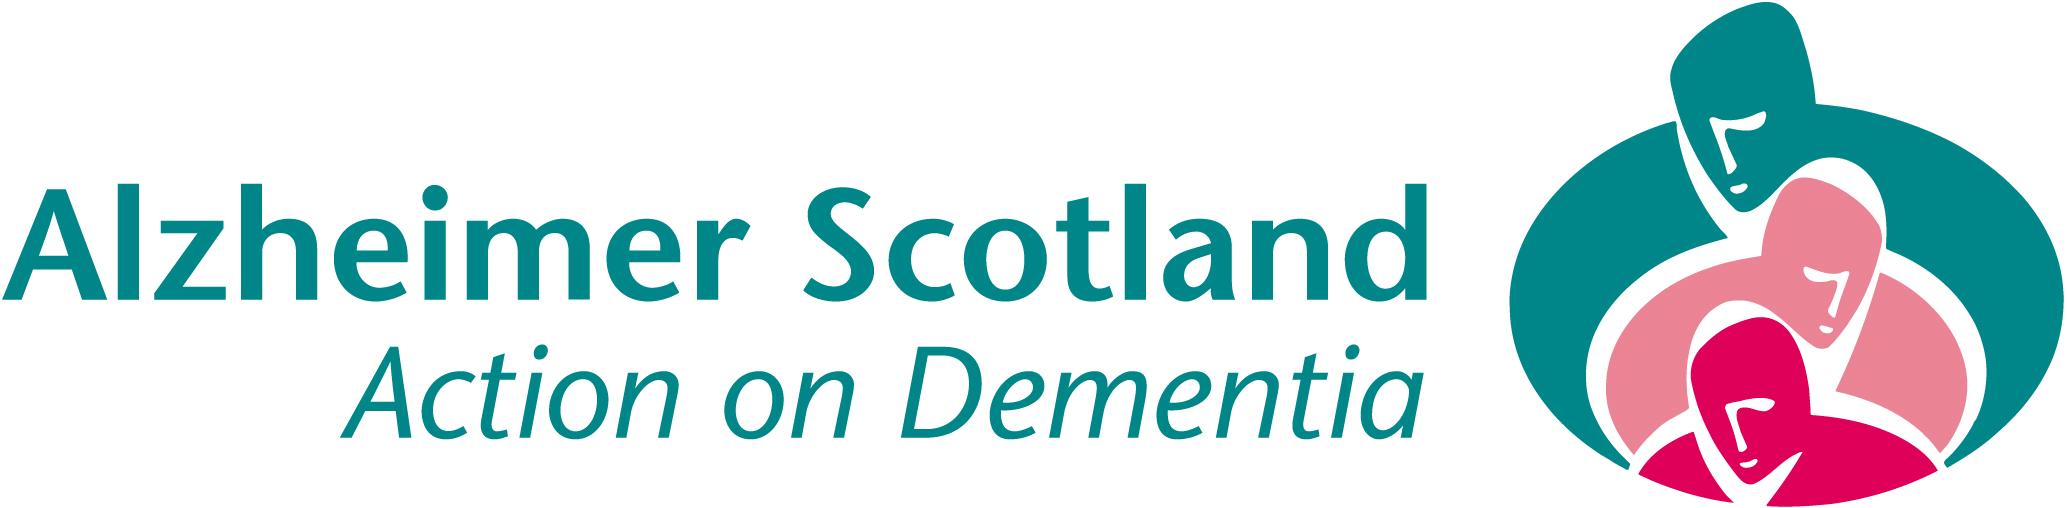 Alzheimer Scotland: Dementia Awareness Week conference ...